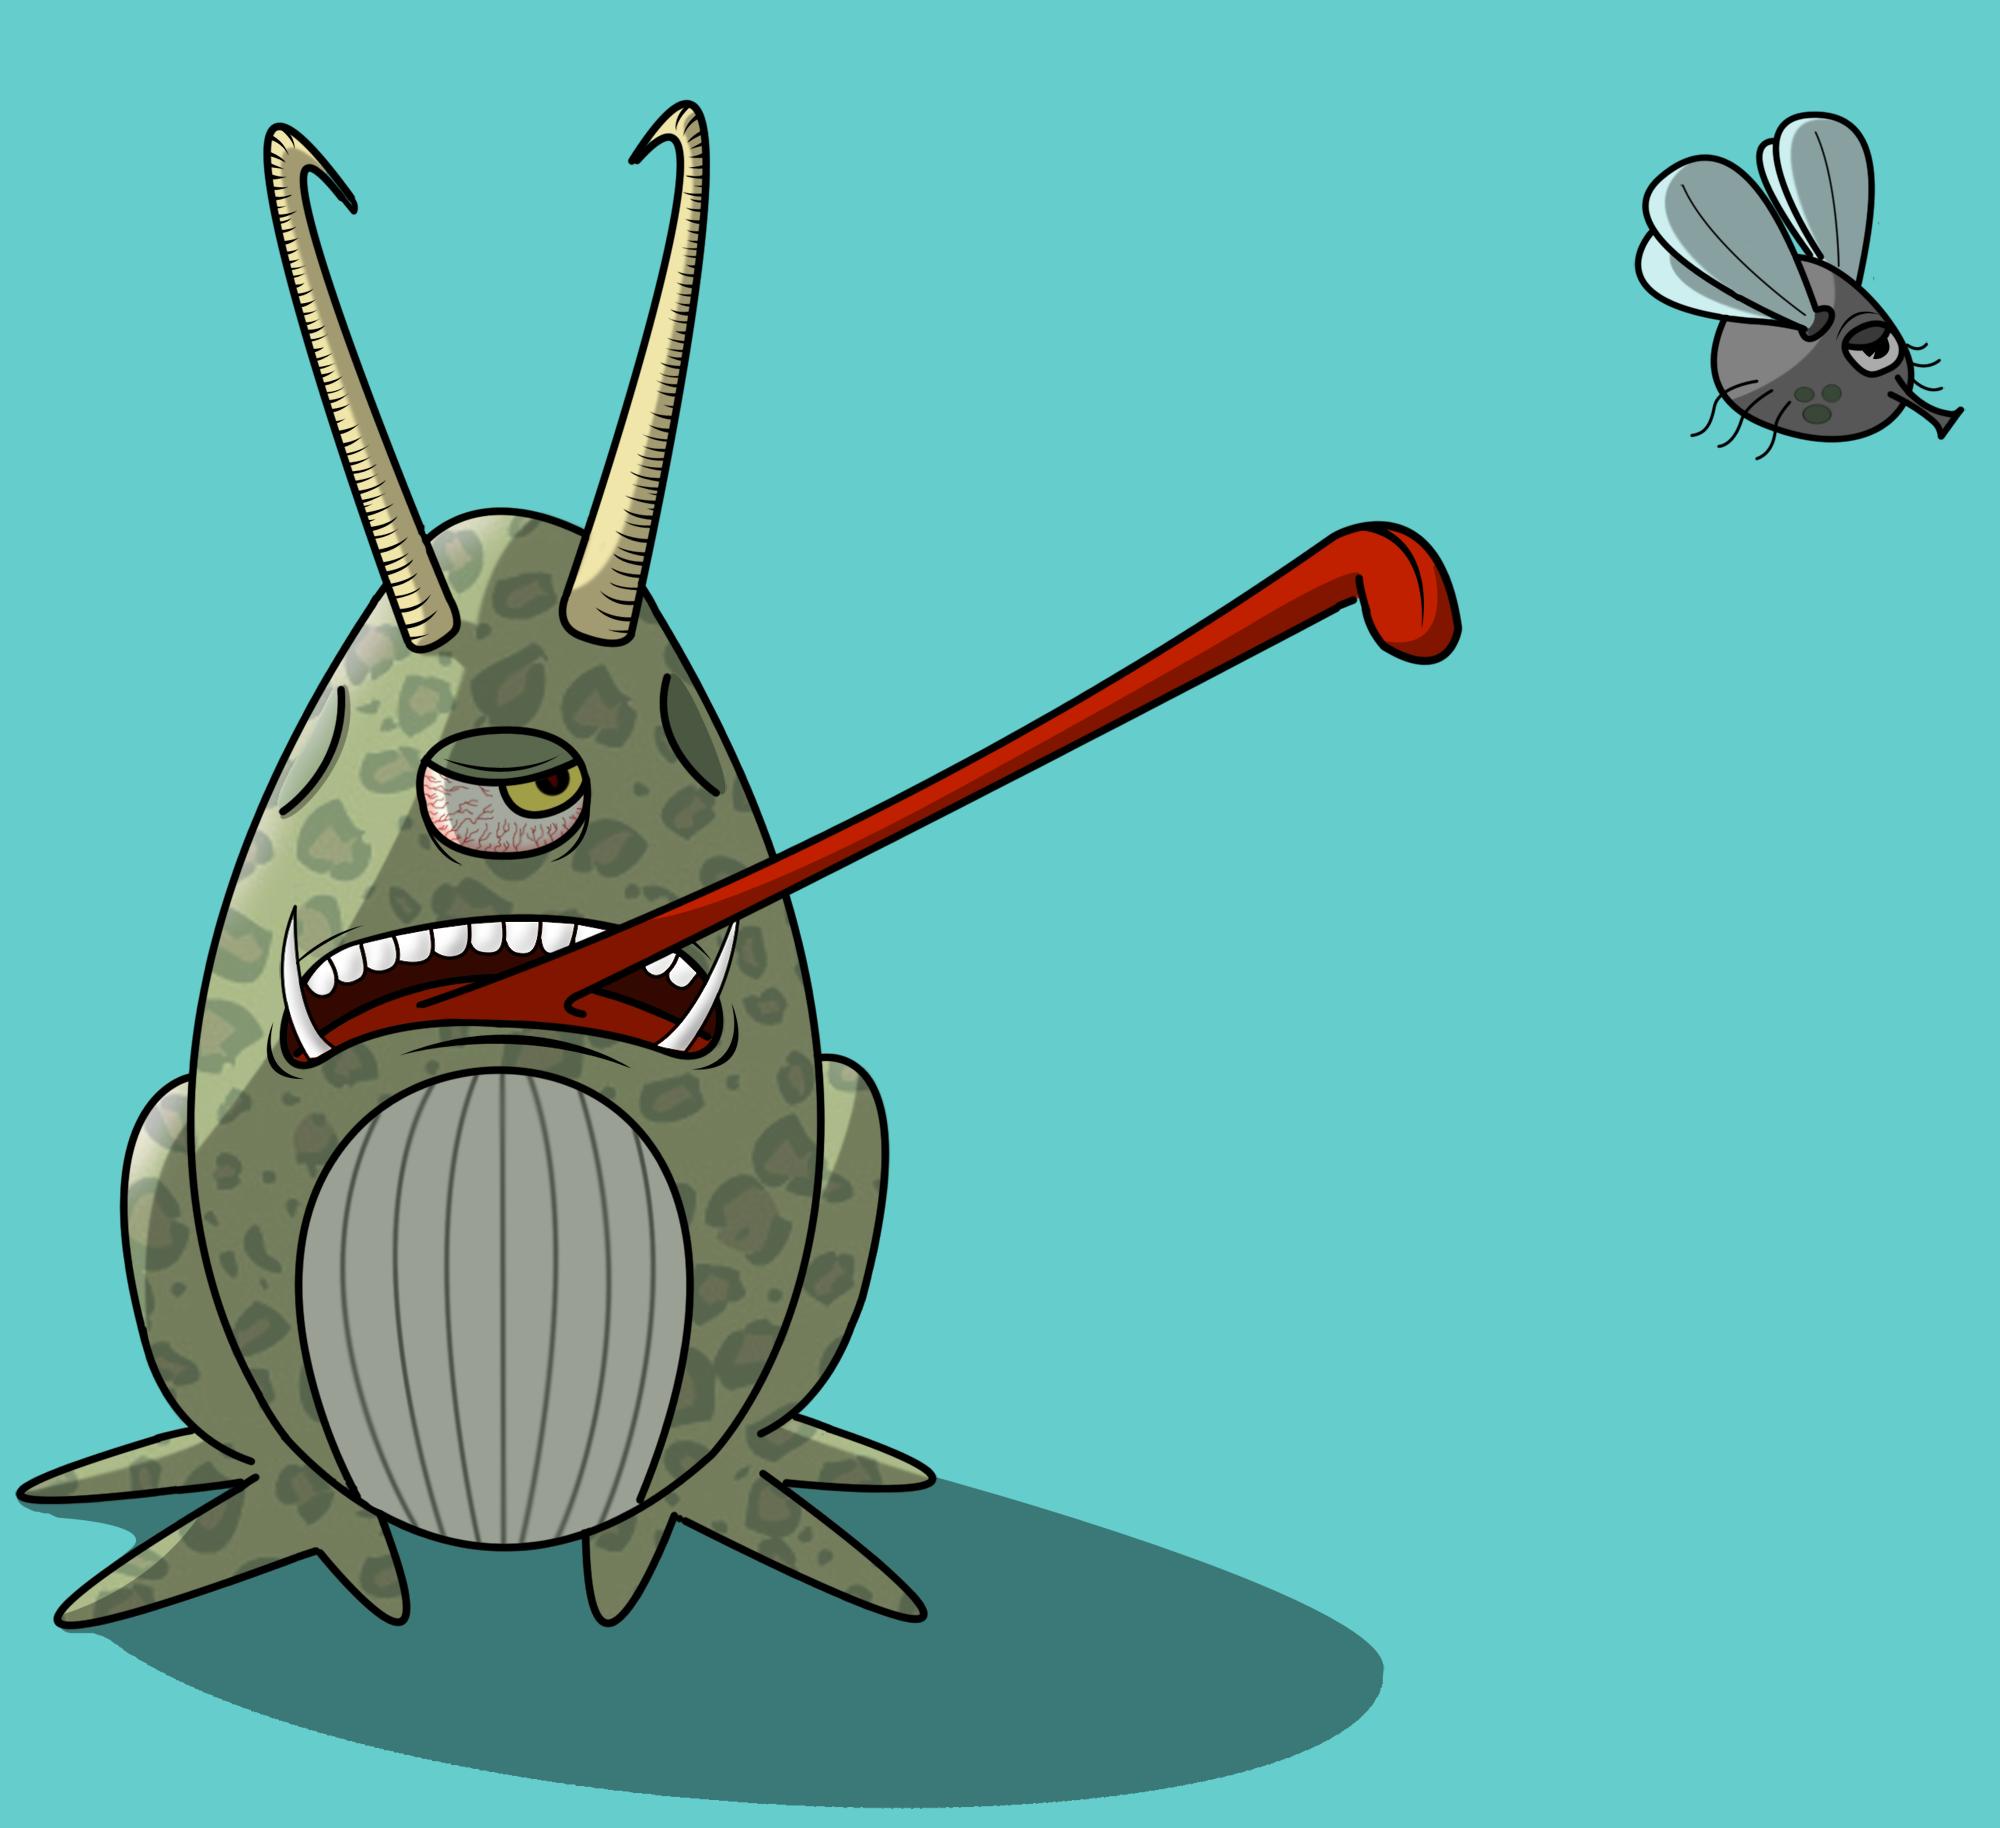 Jurassic frogger